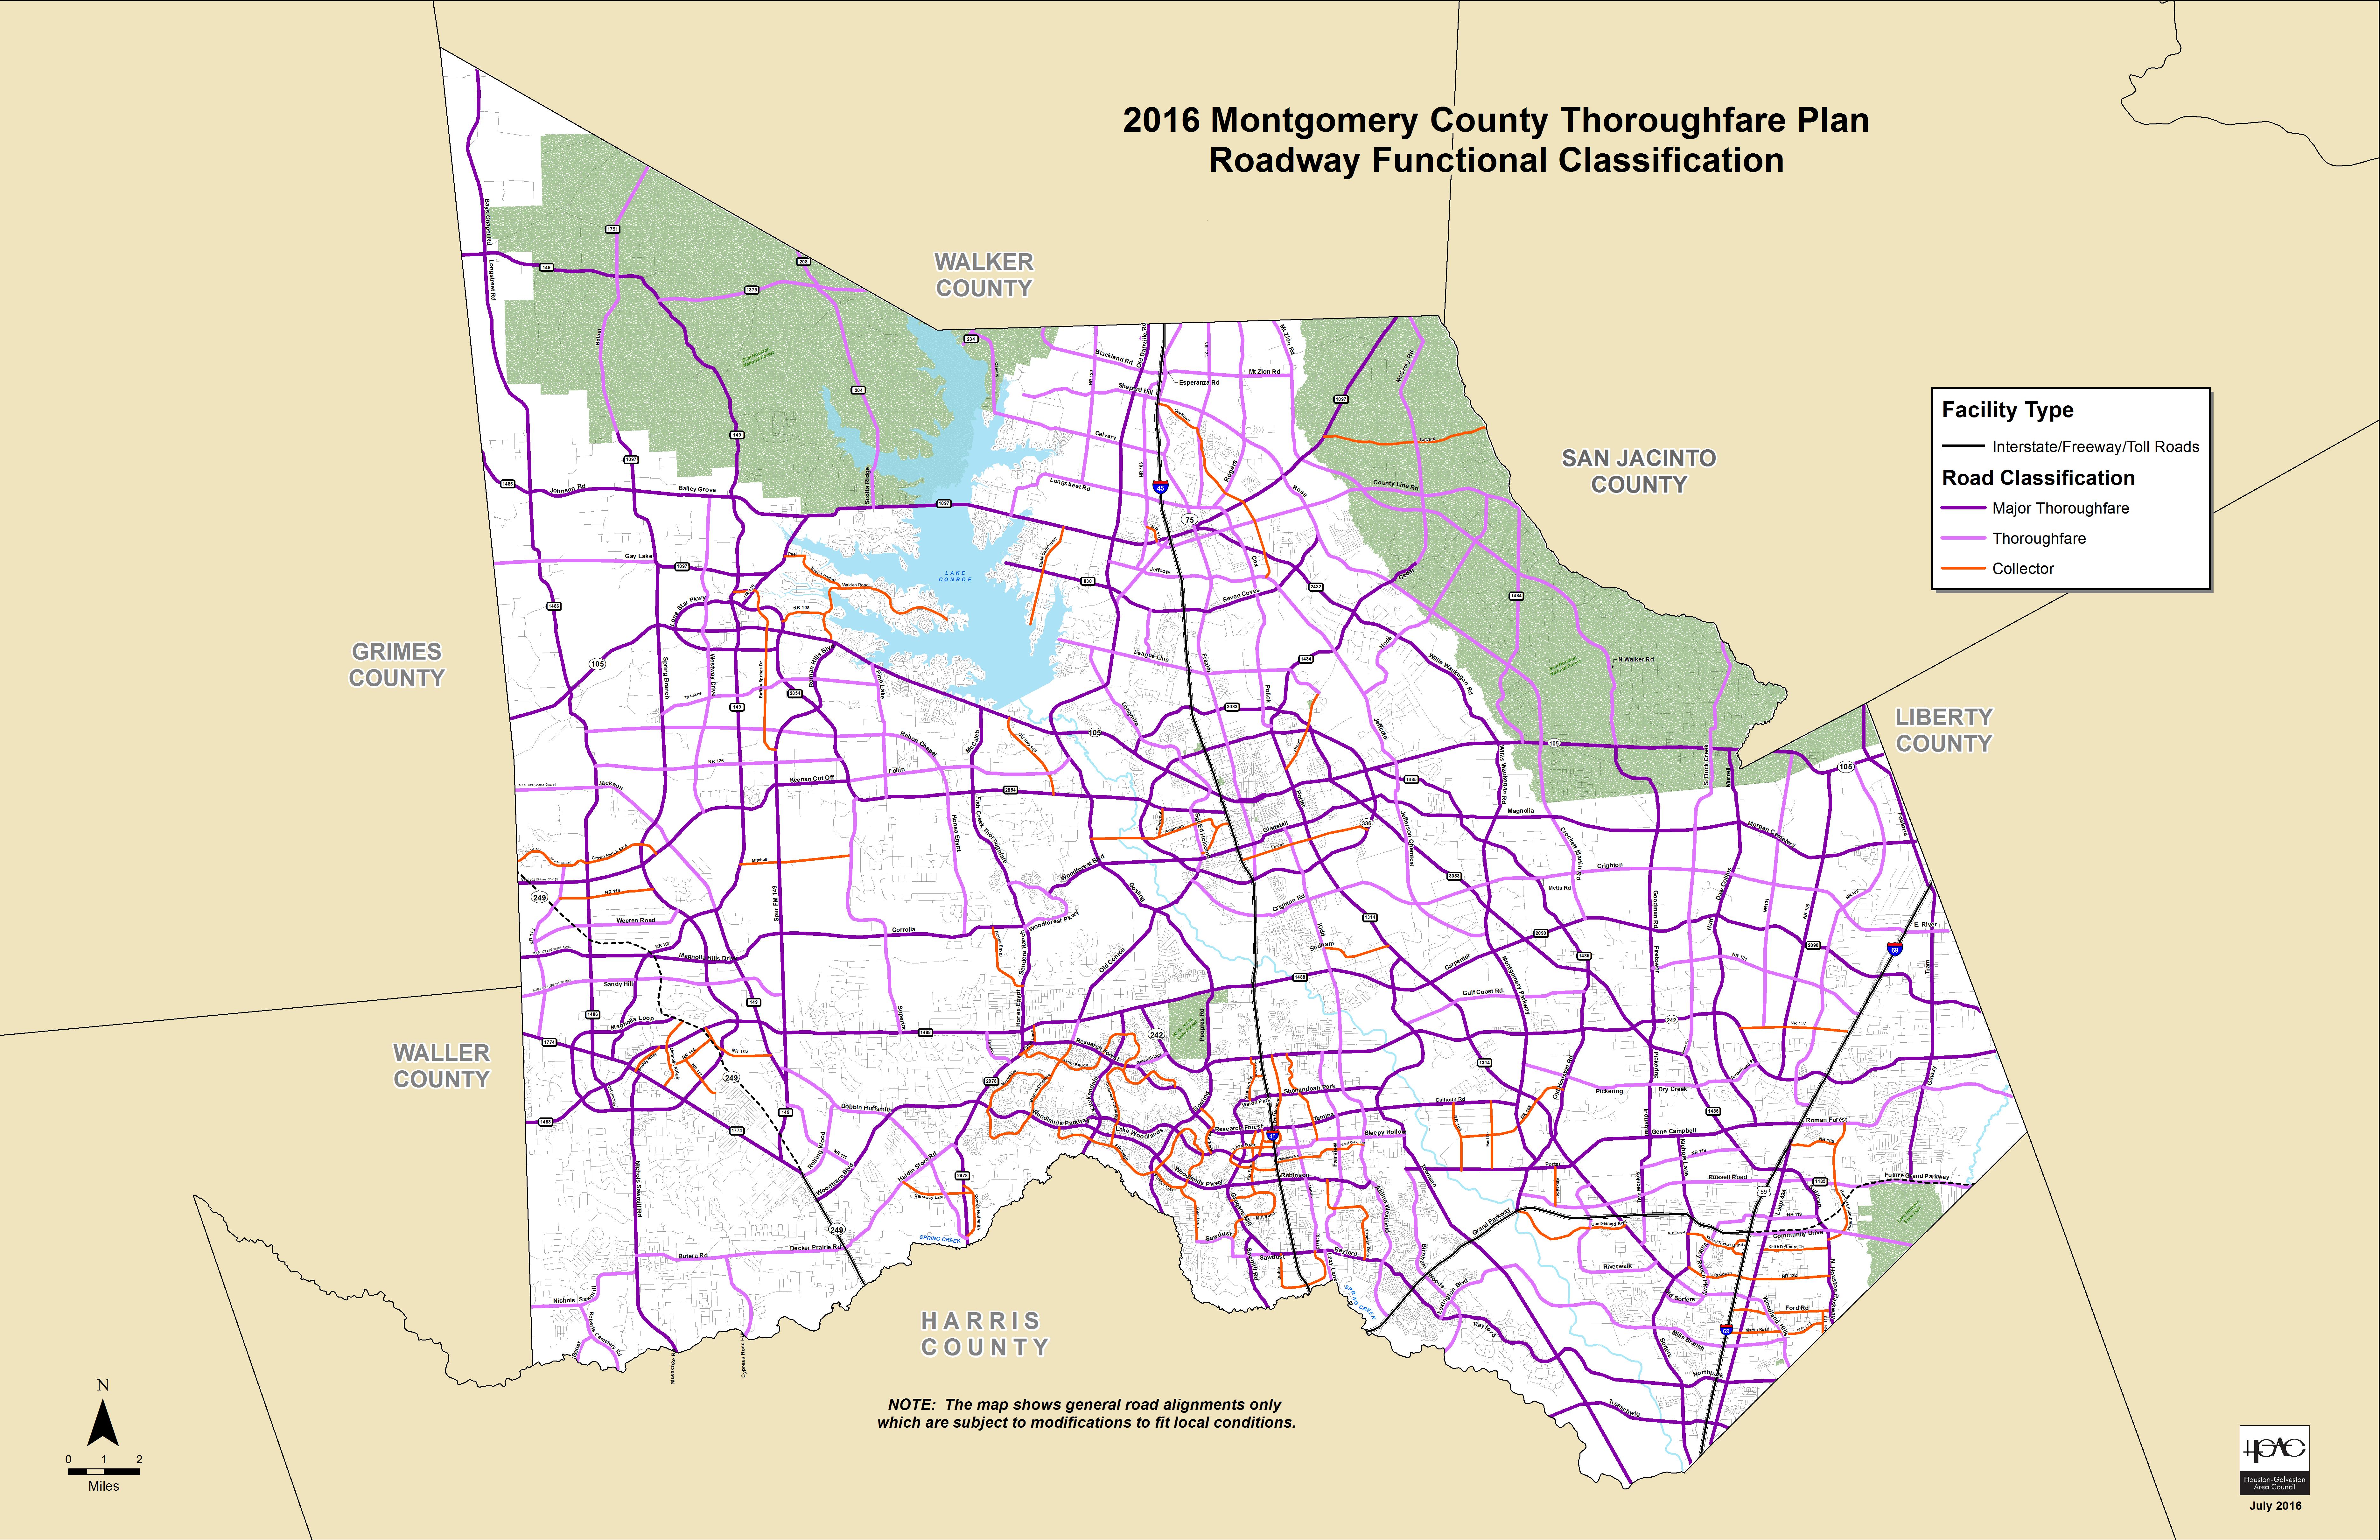 Fema Floodplain Maps Dfirm Federal Emergency Management Agency - 100 Year Floodplain Map Texas